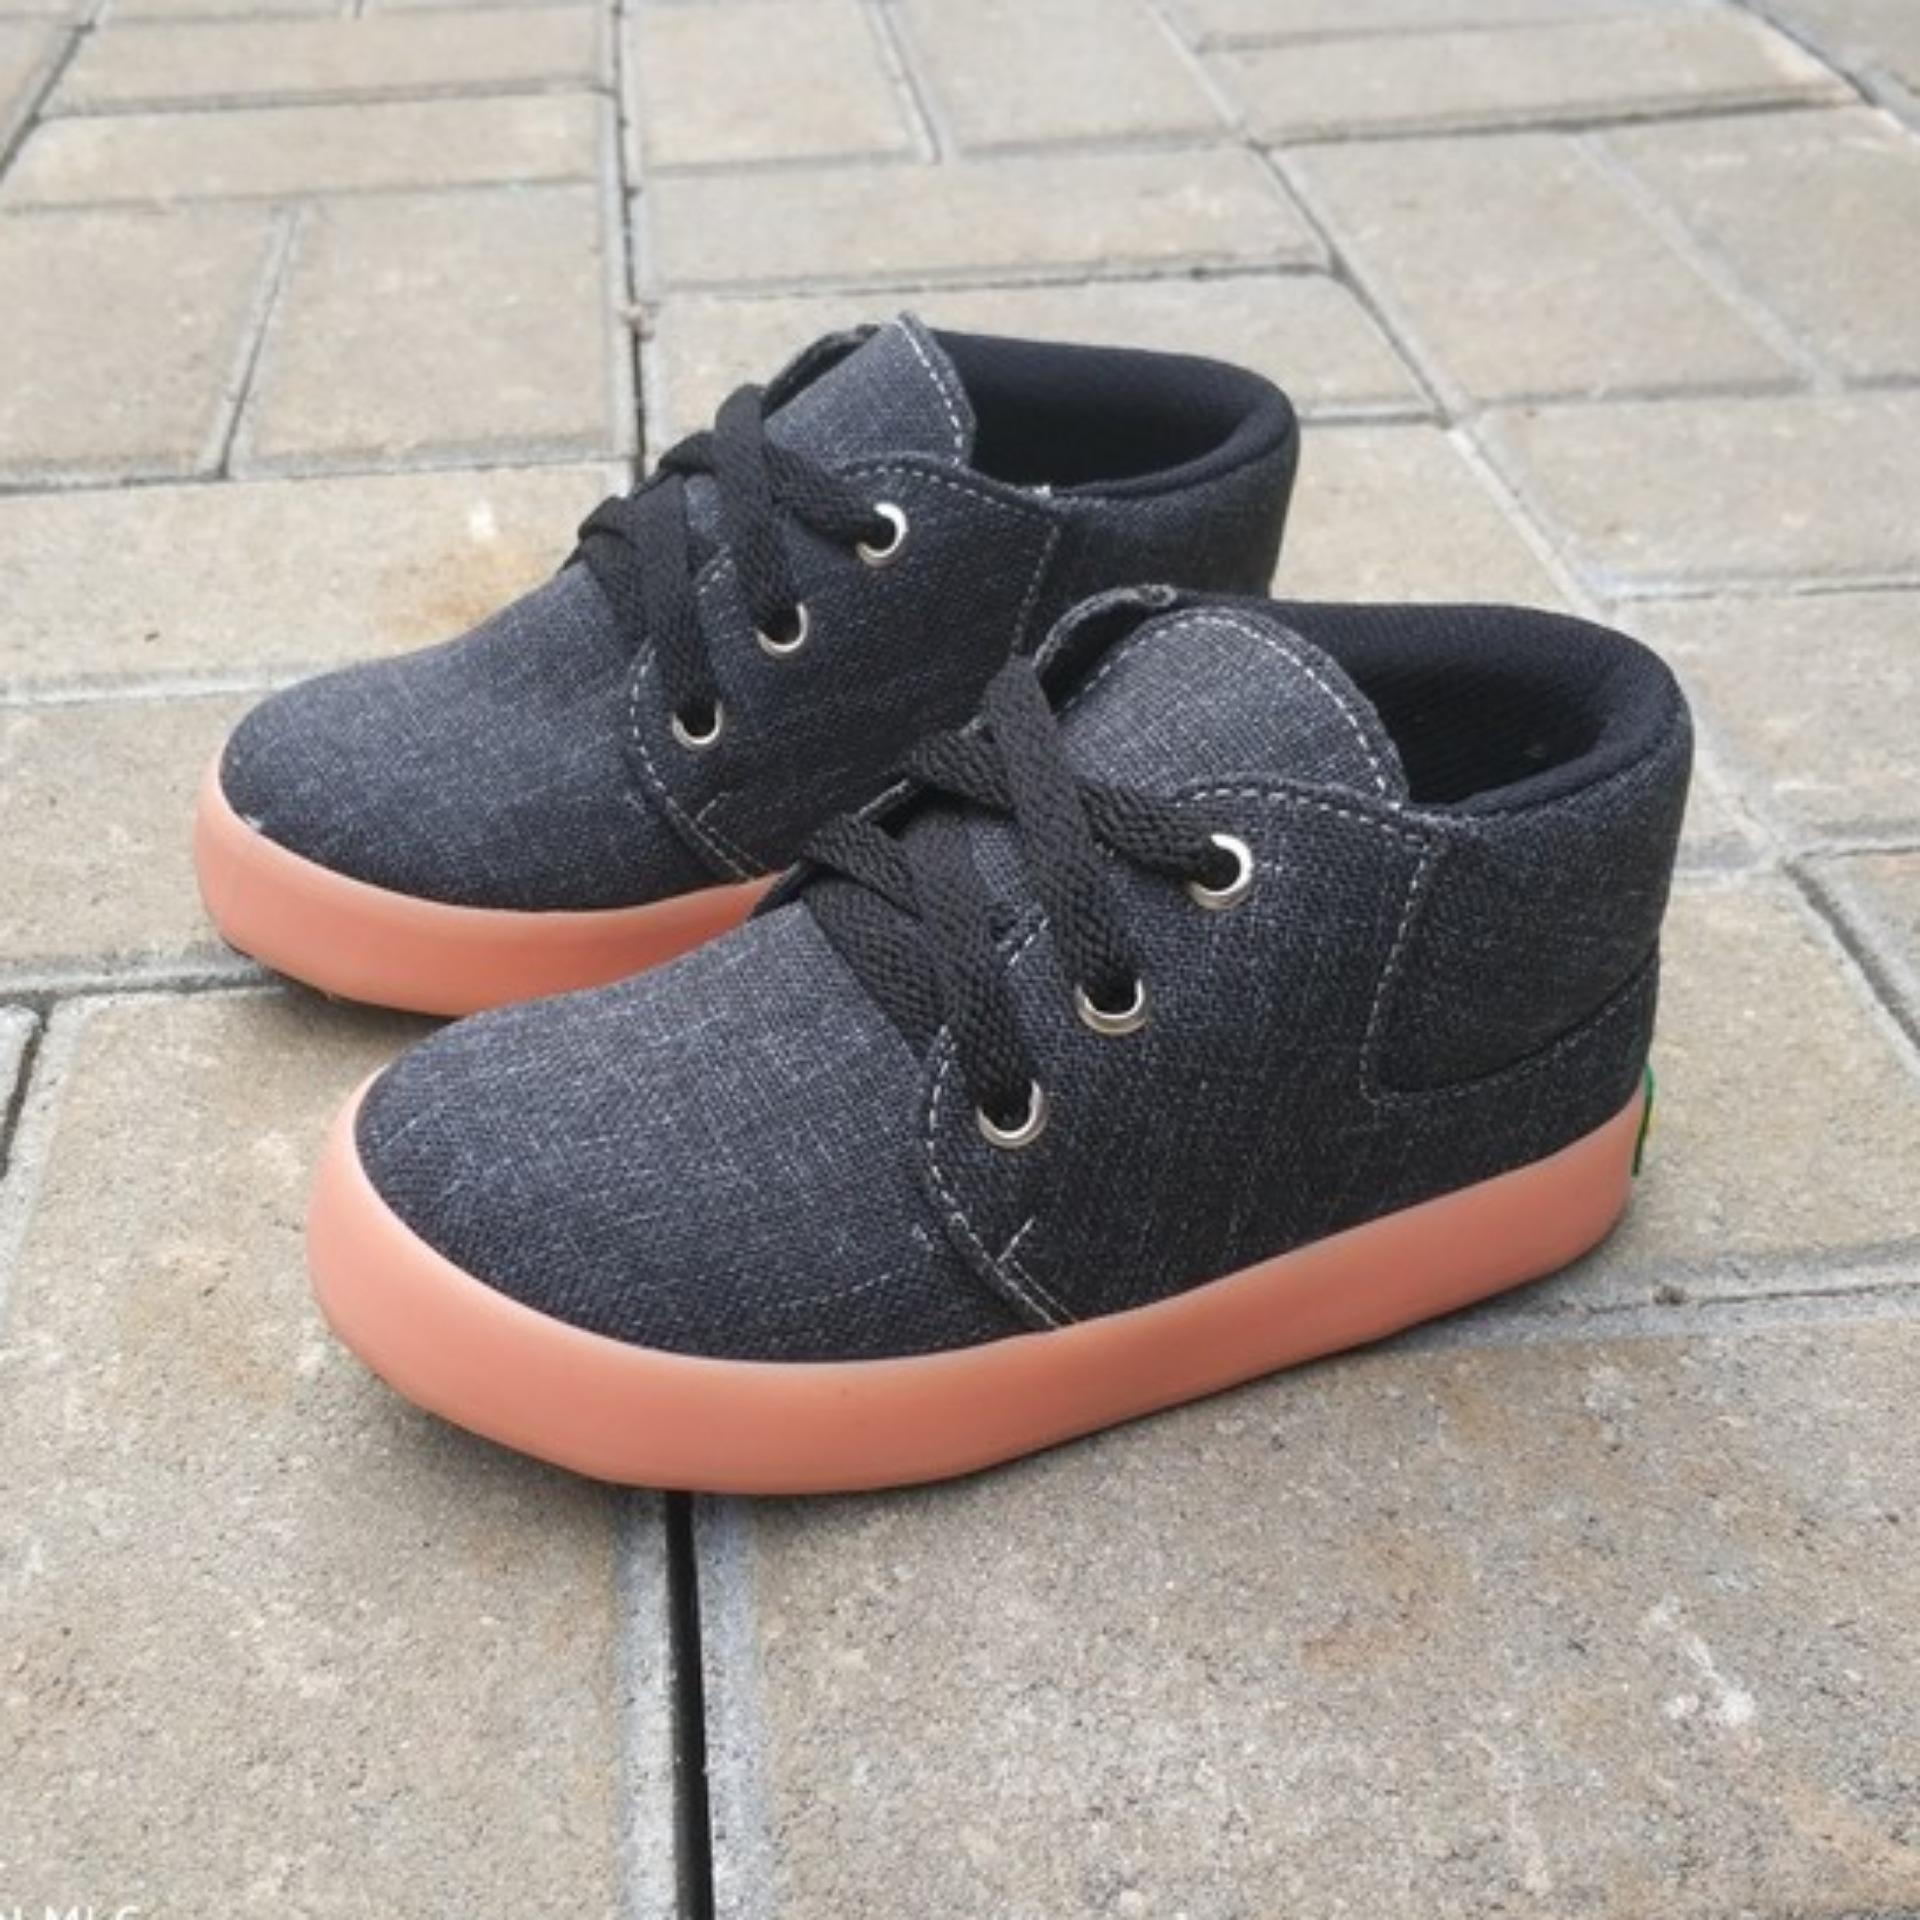 Pusat Jual Beli Shuku Sepatu Sneaker Anak Laki Cowok Semi Boot Keren Casual Trendy Kekinian Jawa Barat